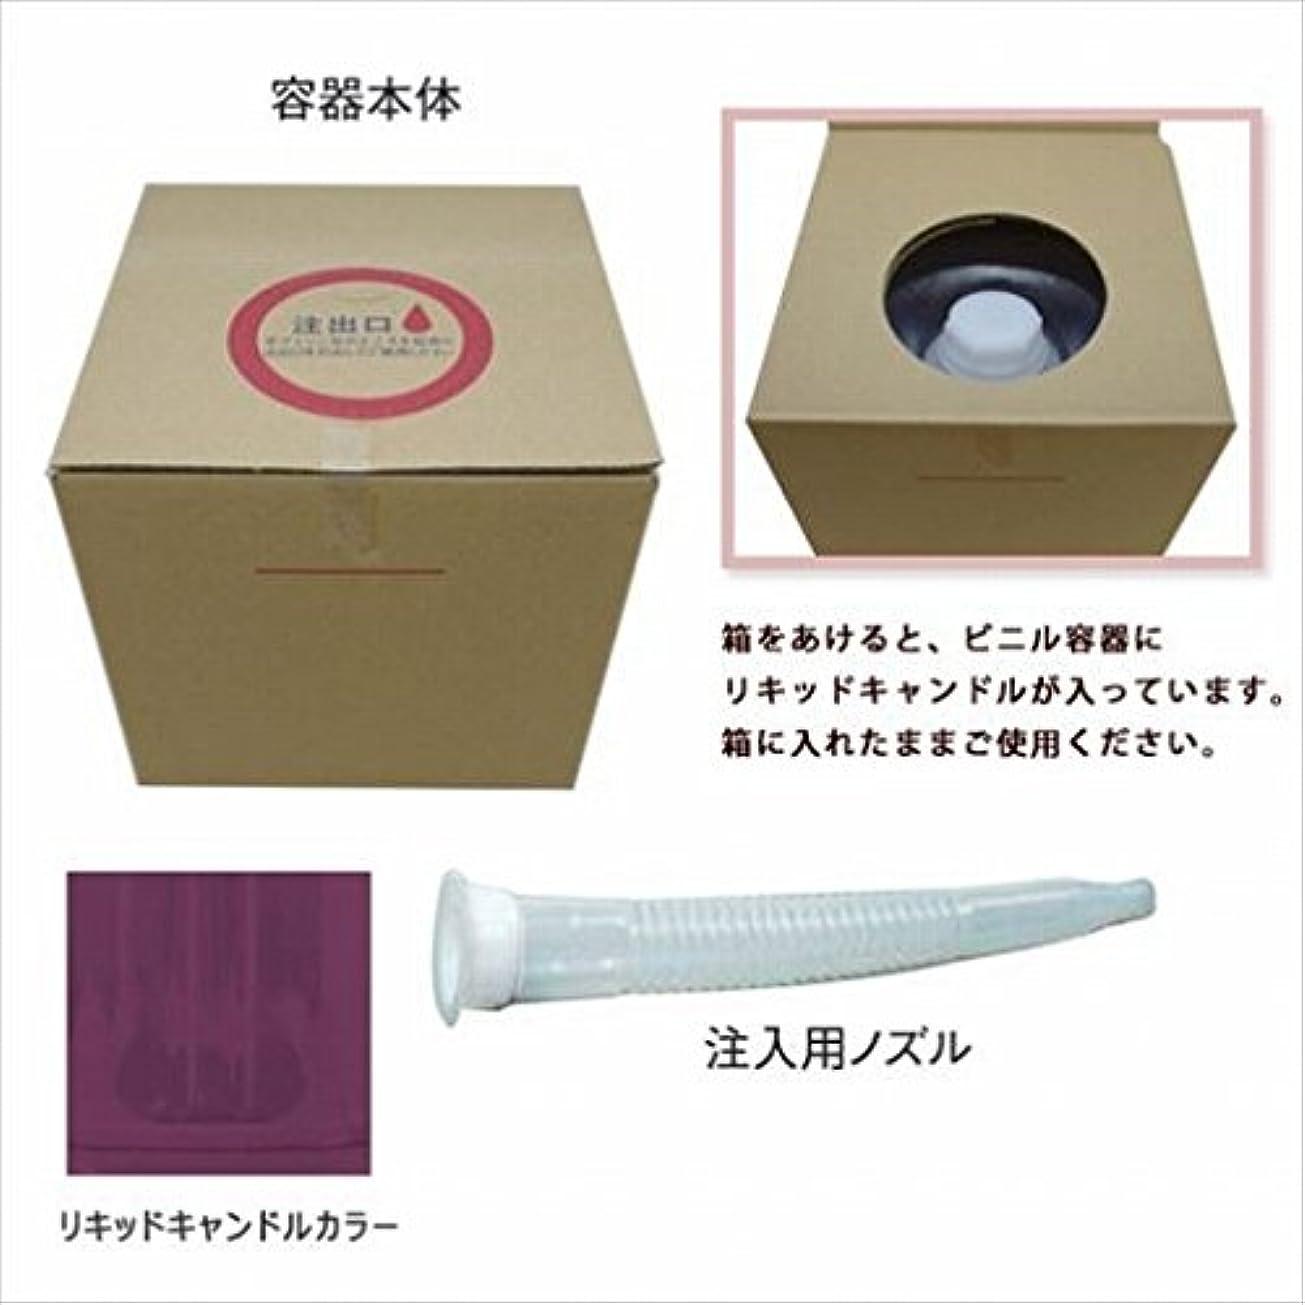 持続するストリーム情報カメヤマキャンドル(kameyama candle) リキッドキャンドル5リットル 「 バイオレット 」